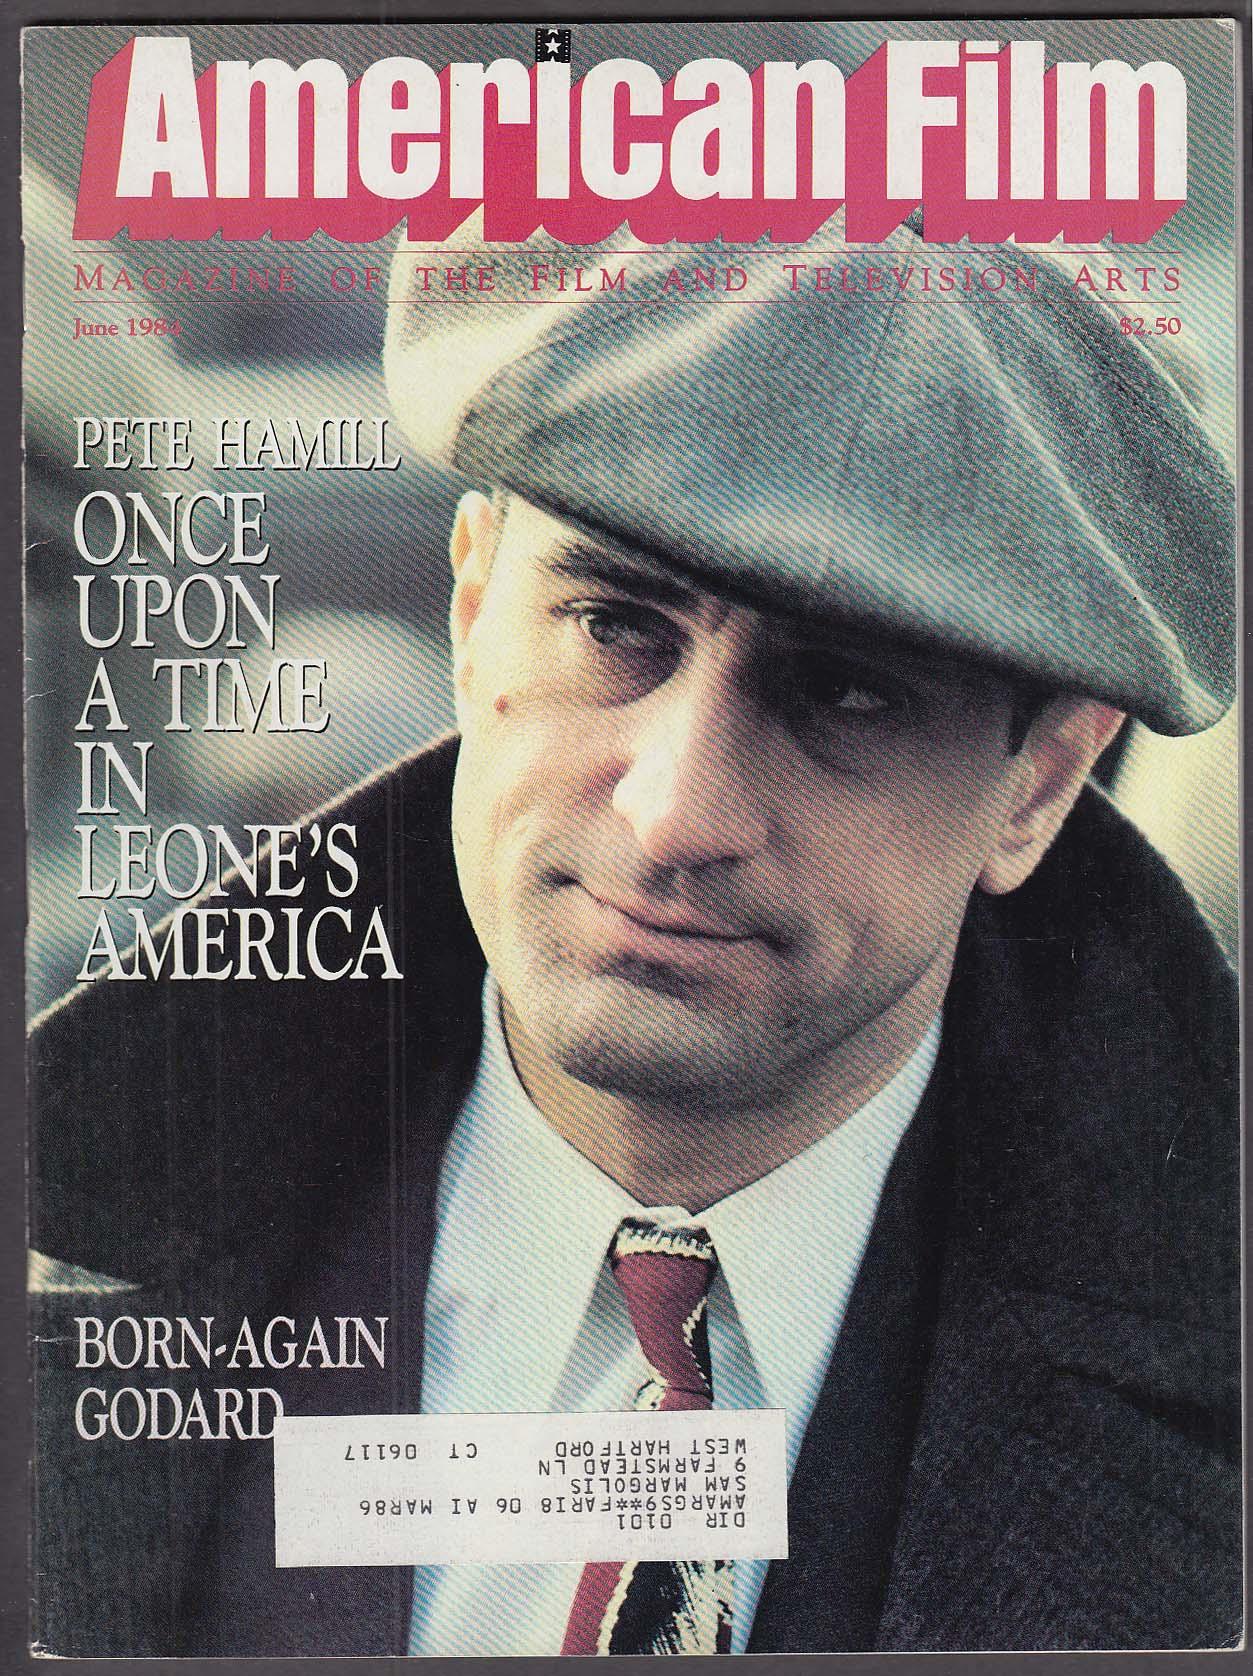 Image for AMERICAN FILM Robert DeNiro Jean-Luc Godard Sergio Leone ++ 6 1984